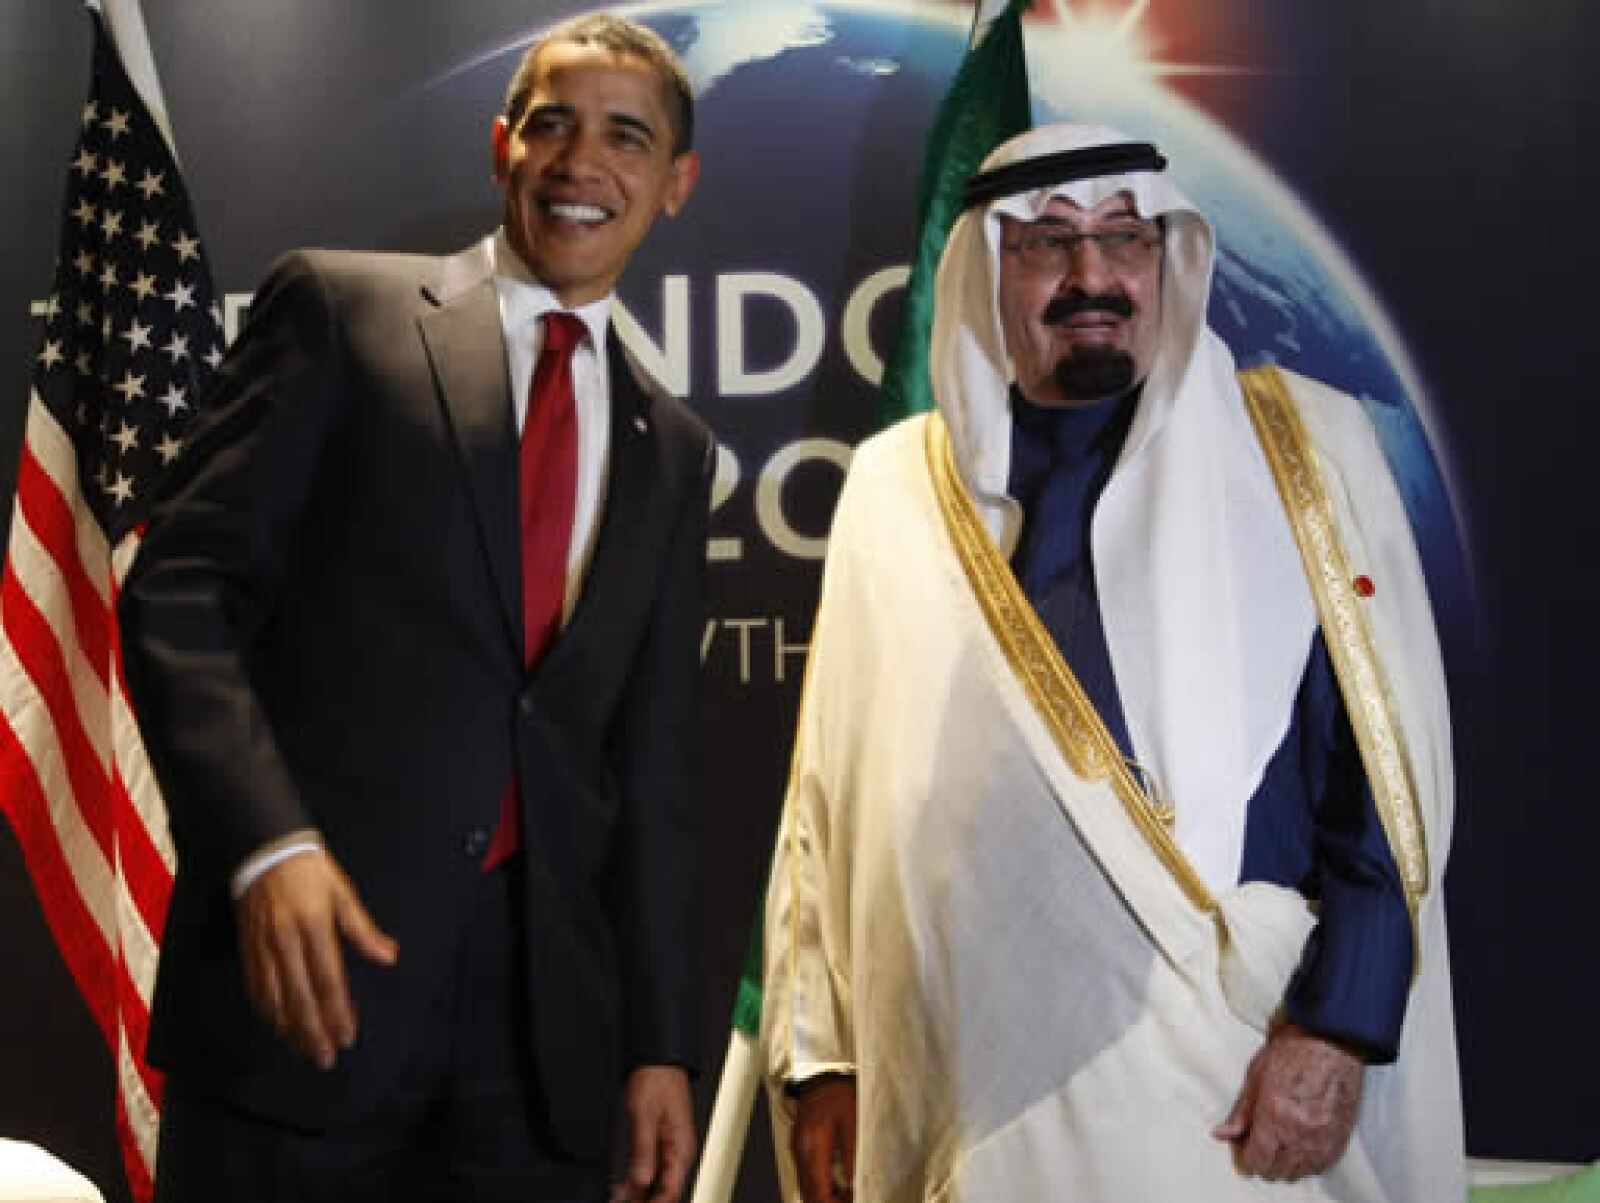 Barack Obama aprovecha la cumbre del G20 para tratar de concretar acuerdos políticos. Una de sus primeras reuniones de este jueves fue con el rey Abdullah, de Arabia Saudita. El mandatario de EU También planea encuentros con autoridades de la India.